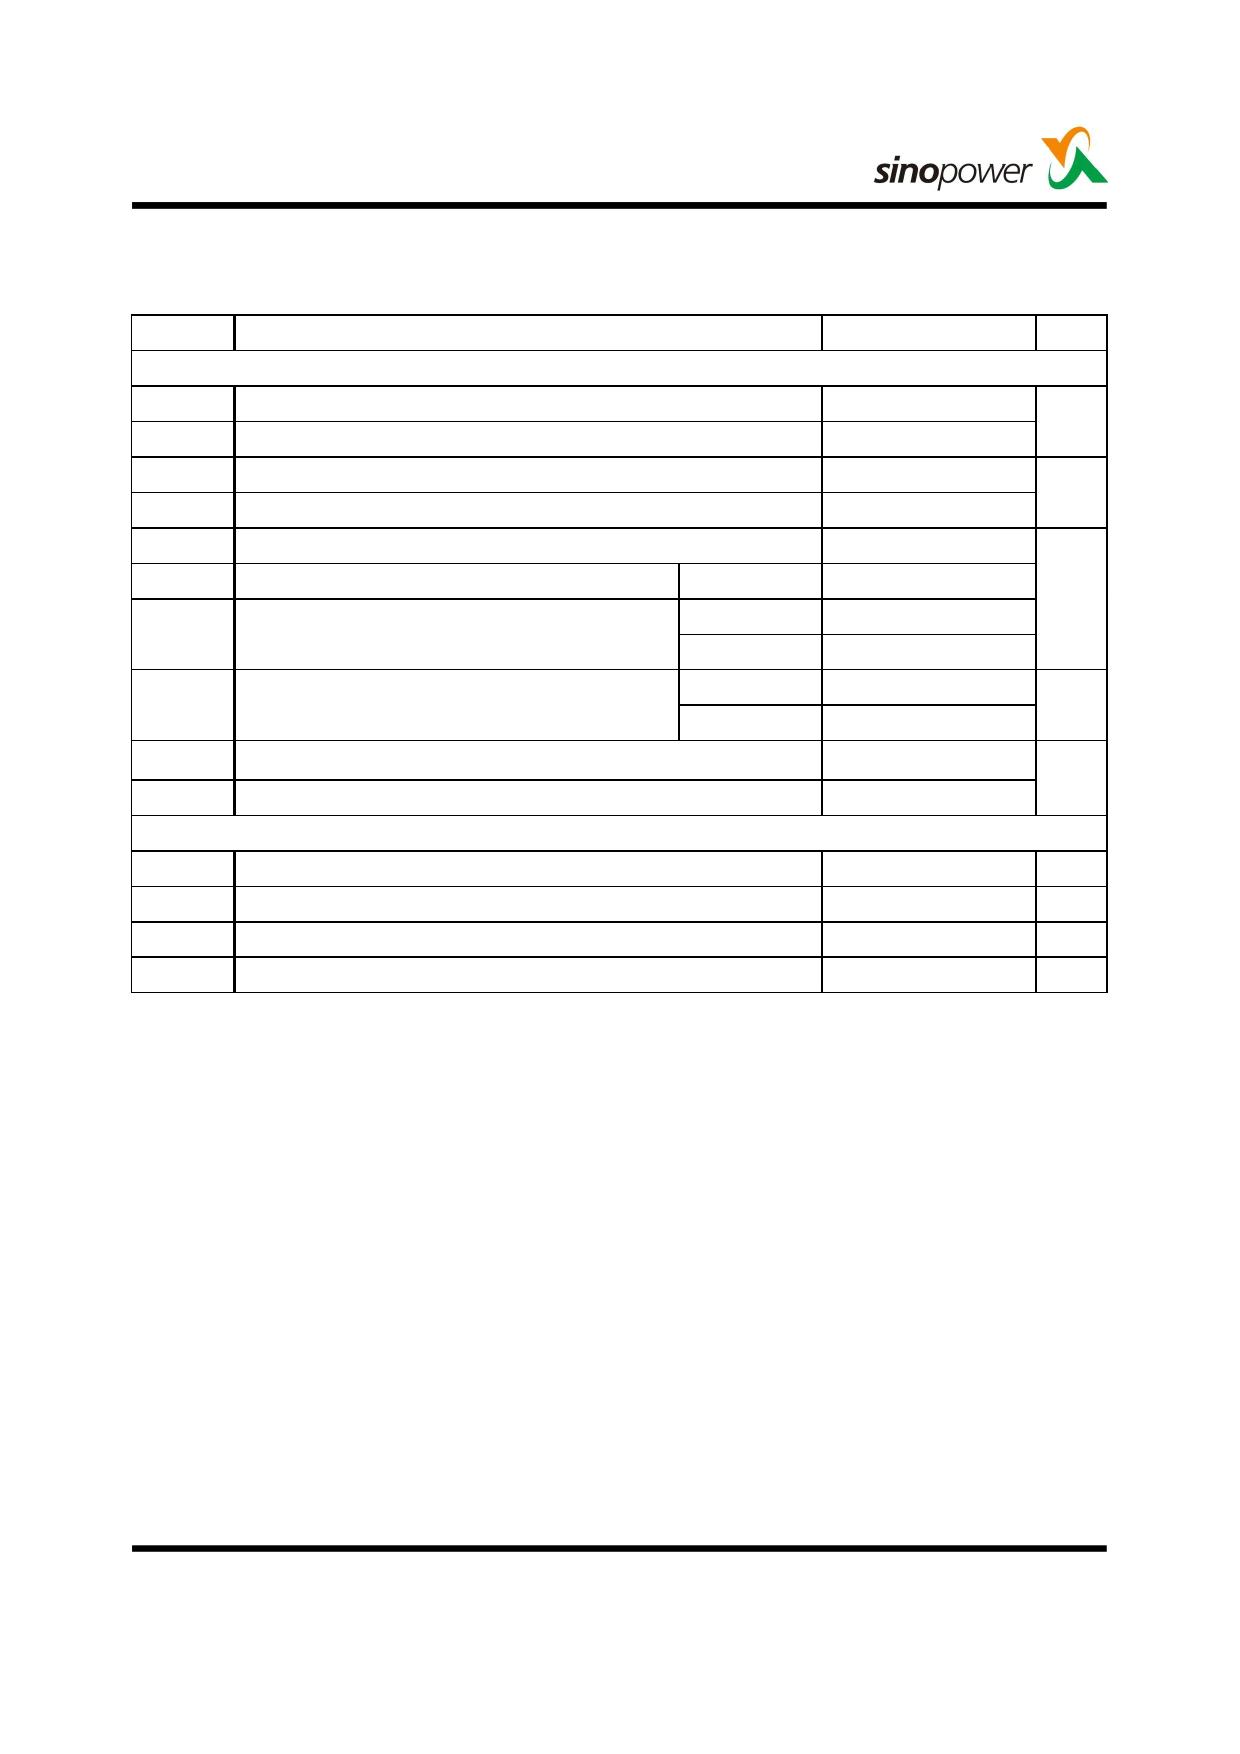 SM8A01NSW pdf